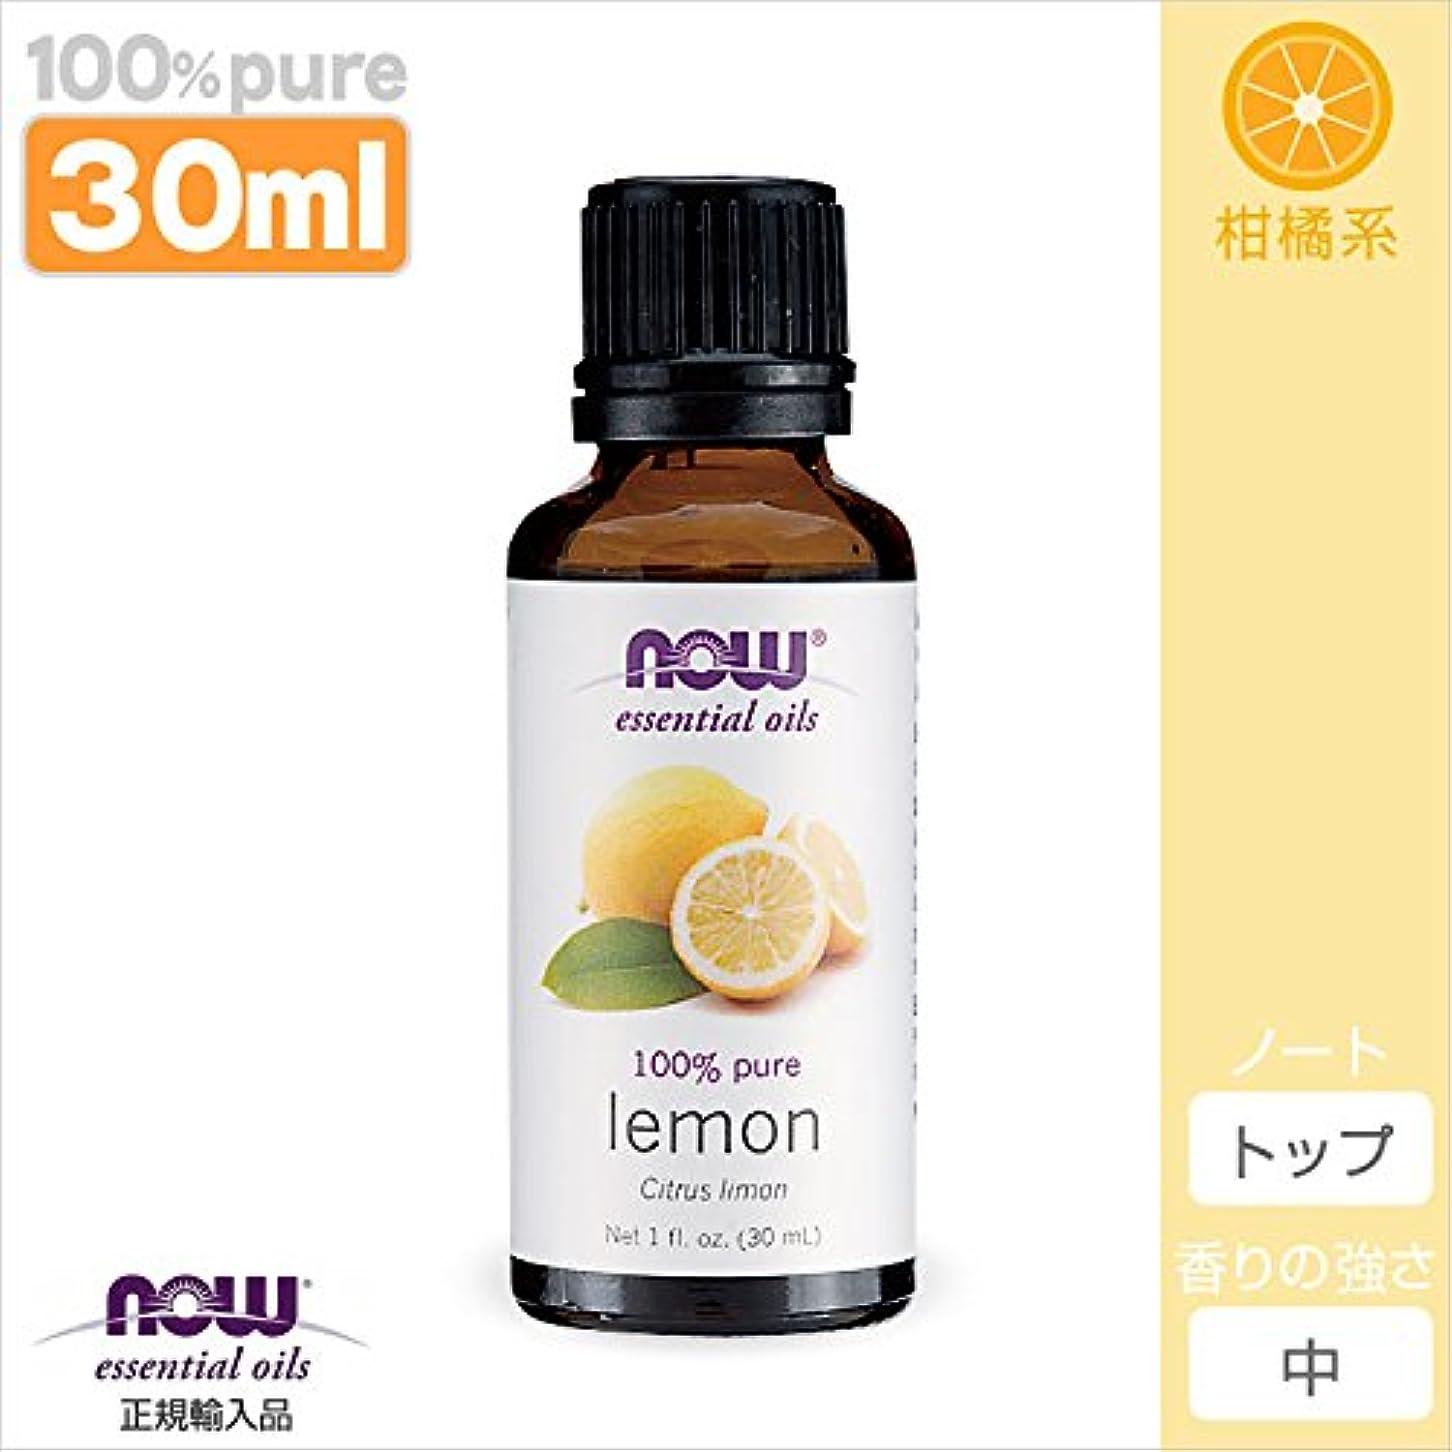 私ファブリック定義するレモン 精油[30ml] 【正規輸入品】 NOWエッセンシャルオイル(アロマオイル)